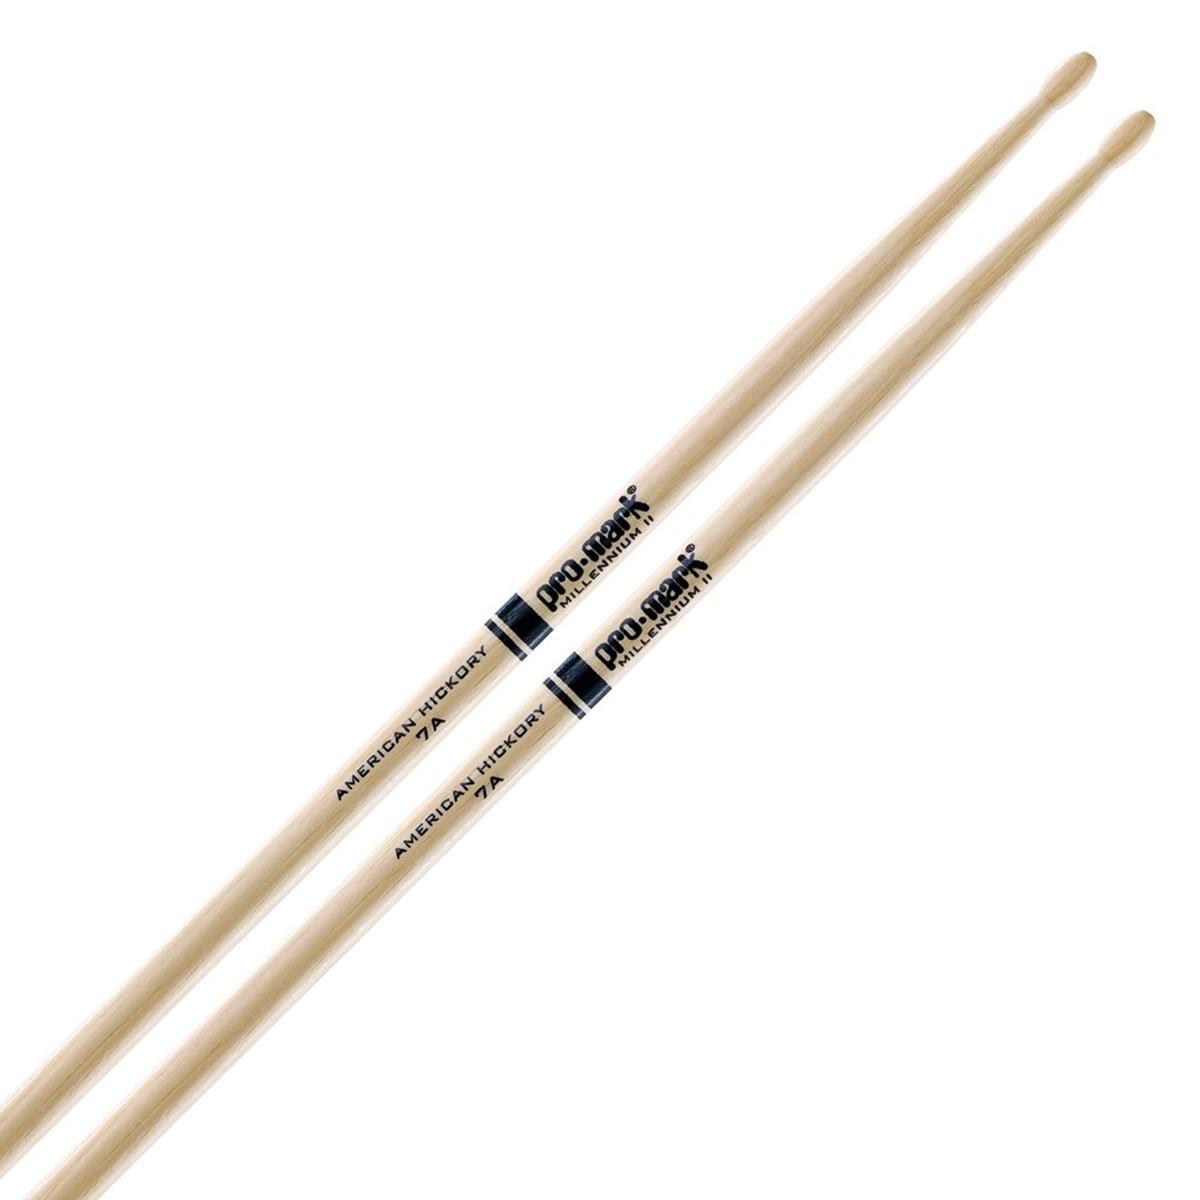 PRO MARK 7 AW BACCHETTE PAIO - Batterie / Percussioni Bacchette e Spazzole